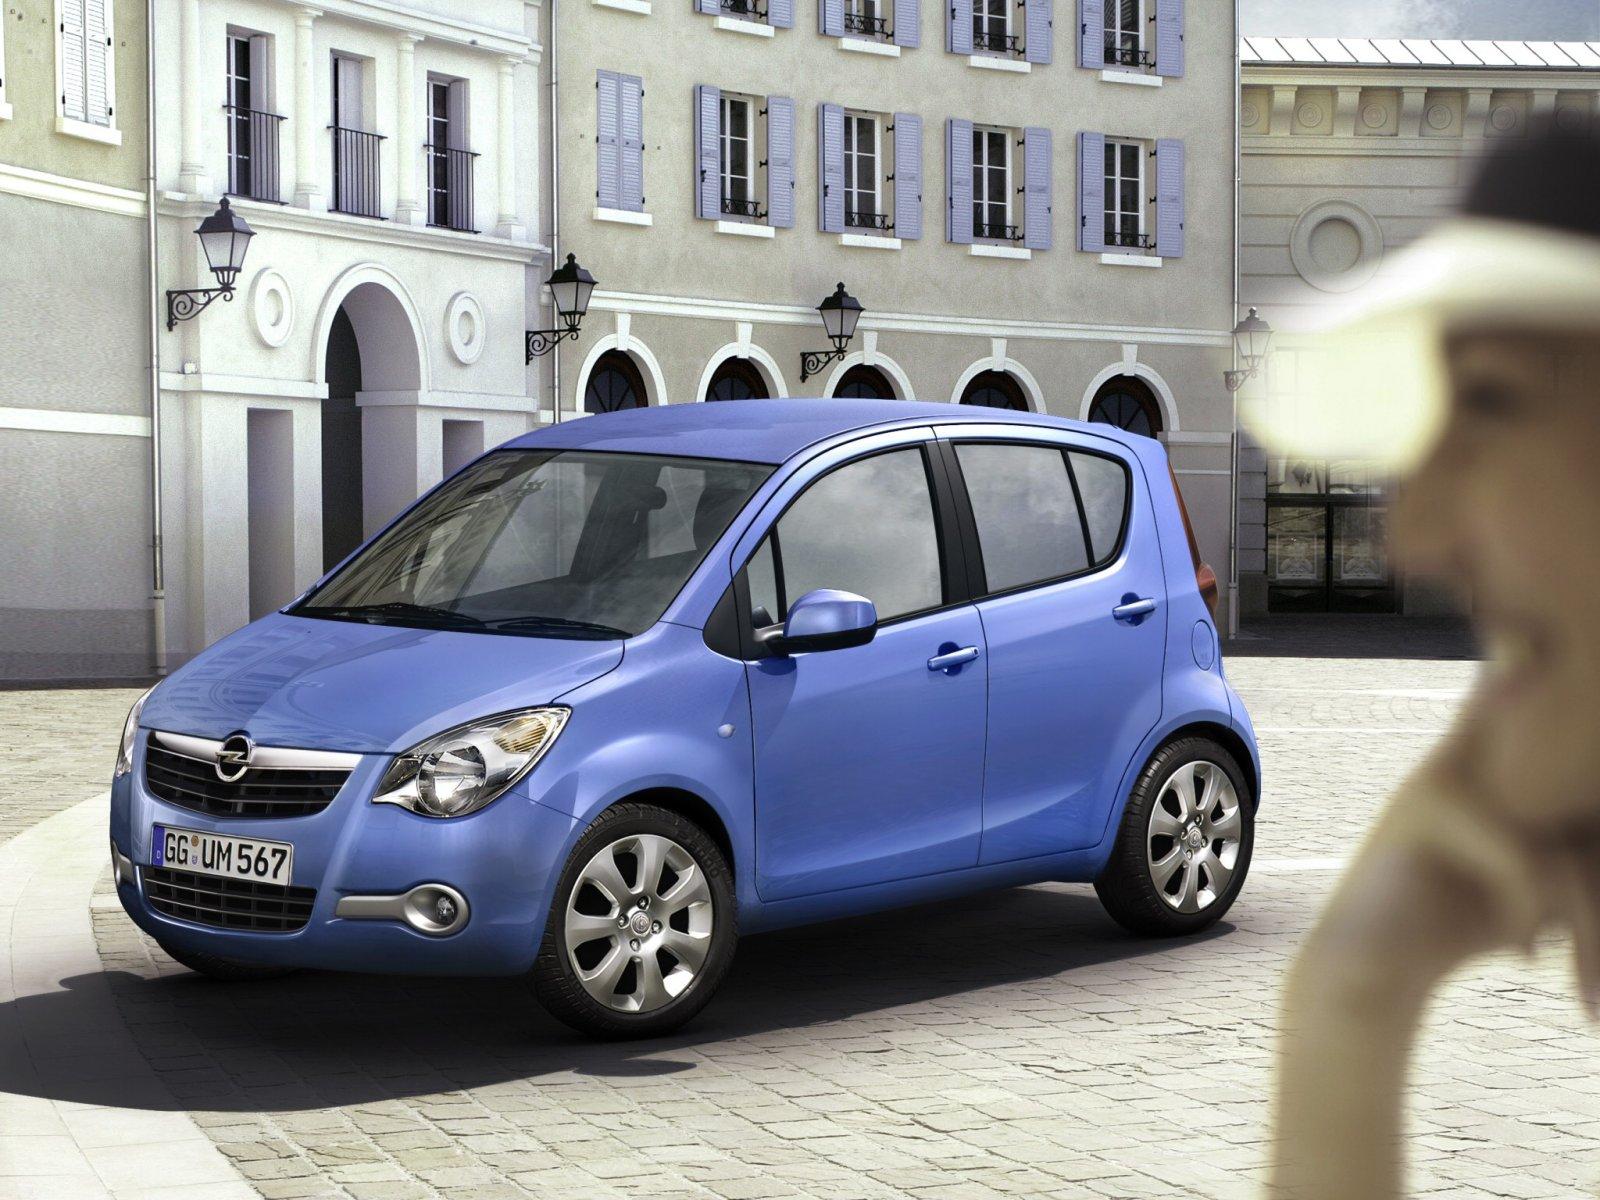 Фотографии автомобилей Opel Agila / Опель Агила (2008 - 2010) Минивэн / Фото, заставки и обои для рабочего стола c автомобилями